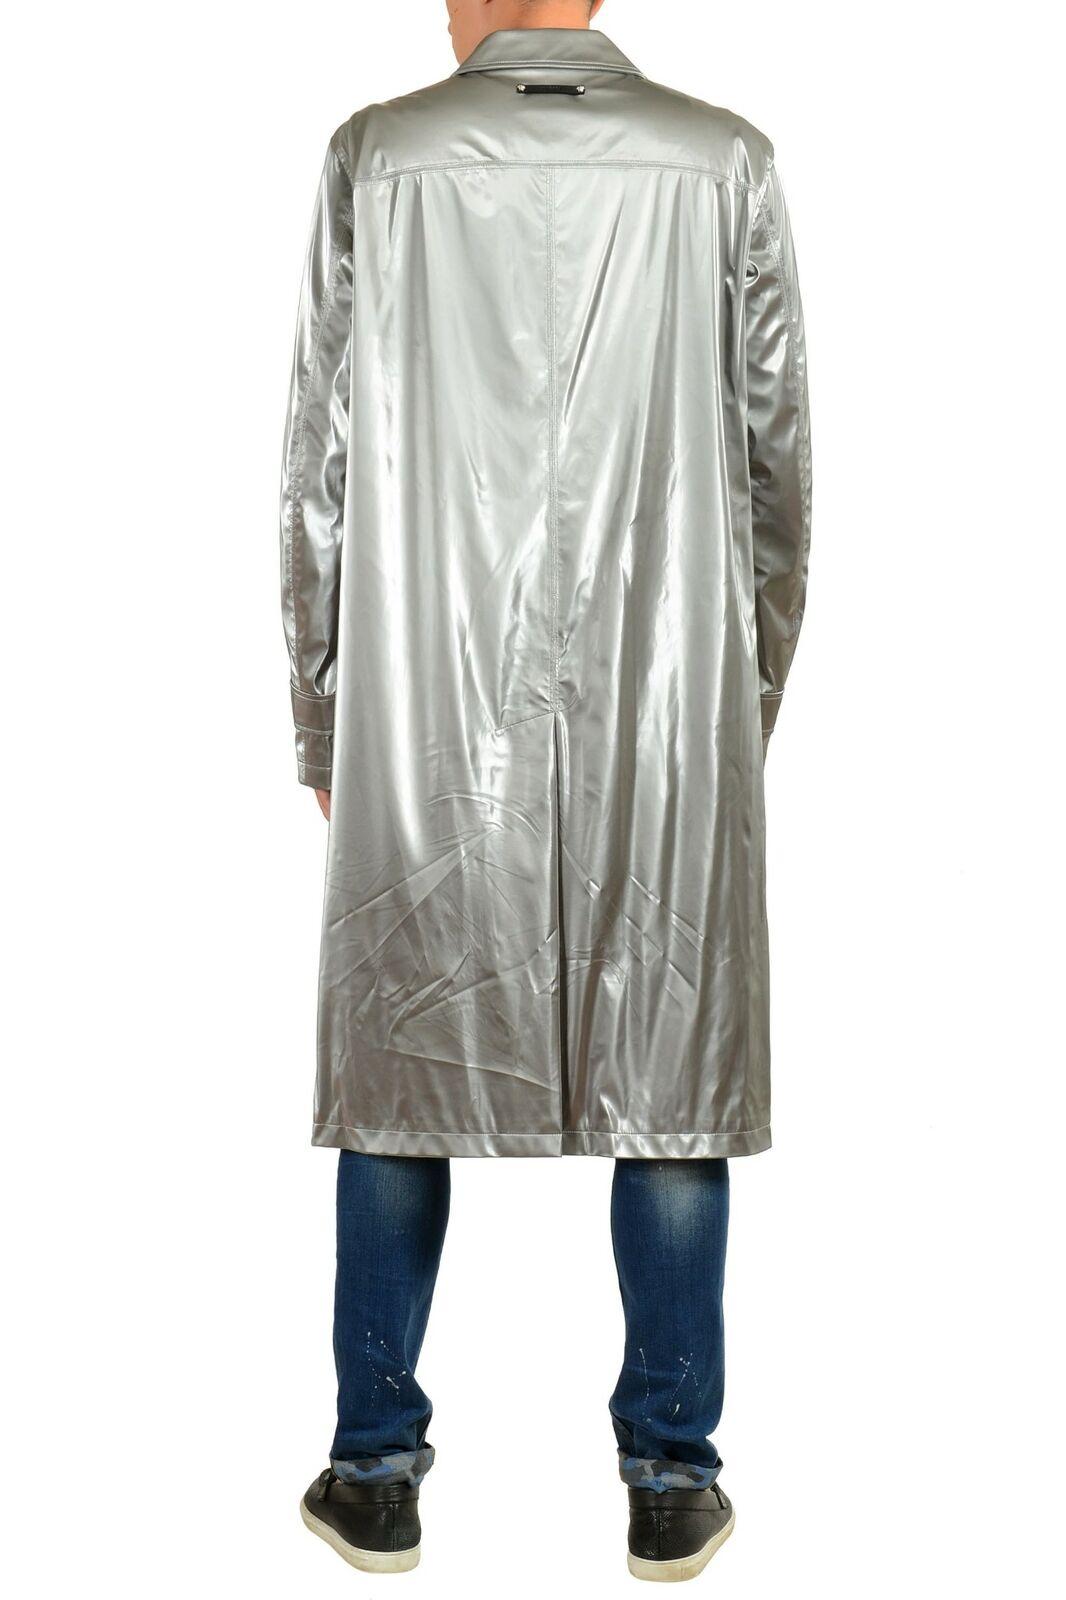 Versace Herren Metallisch Silber Geknöpft Trenchcoat Us M It It It 50     | Flagship-Store  c87aef